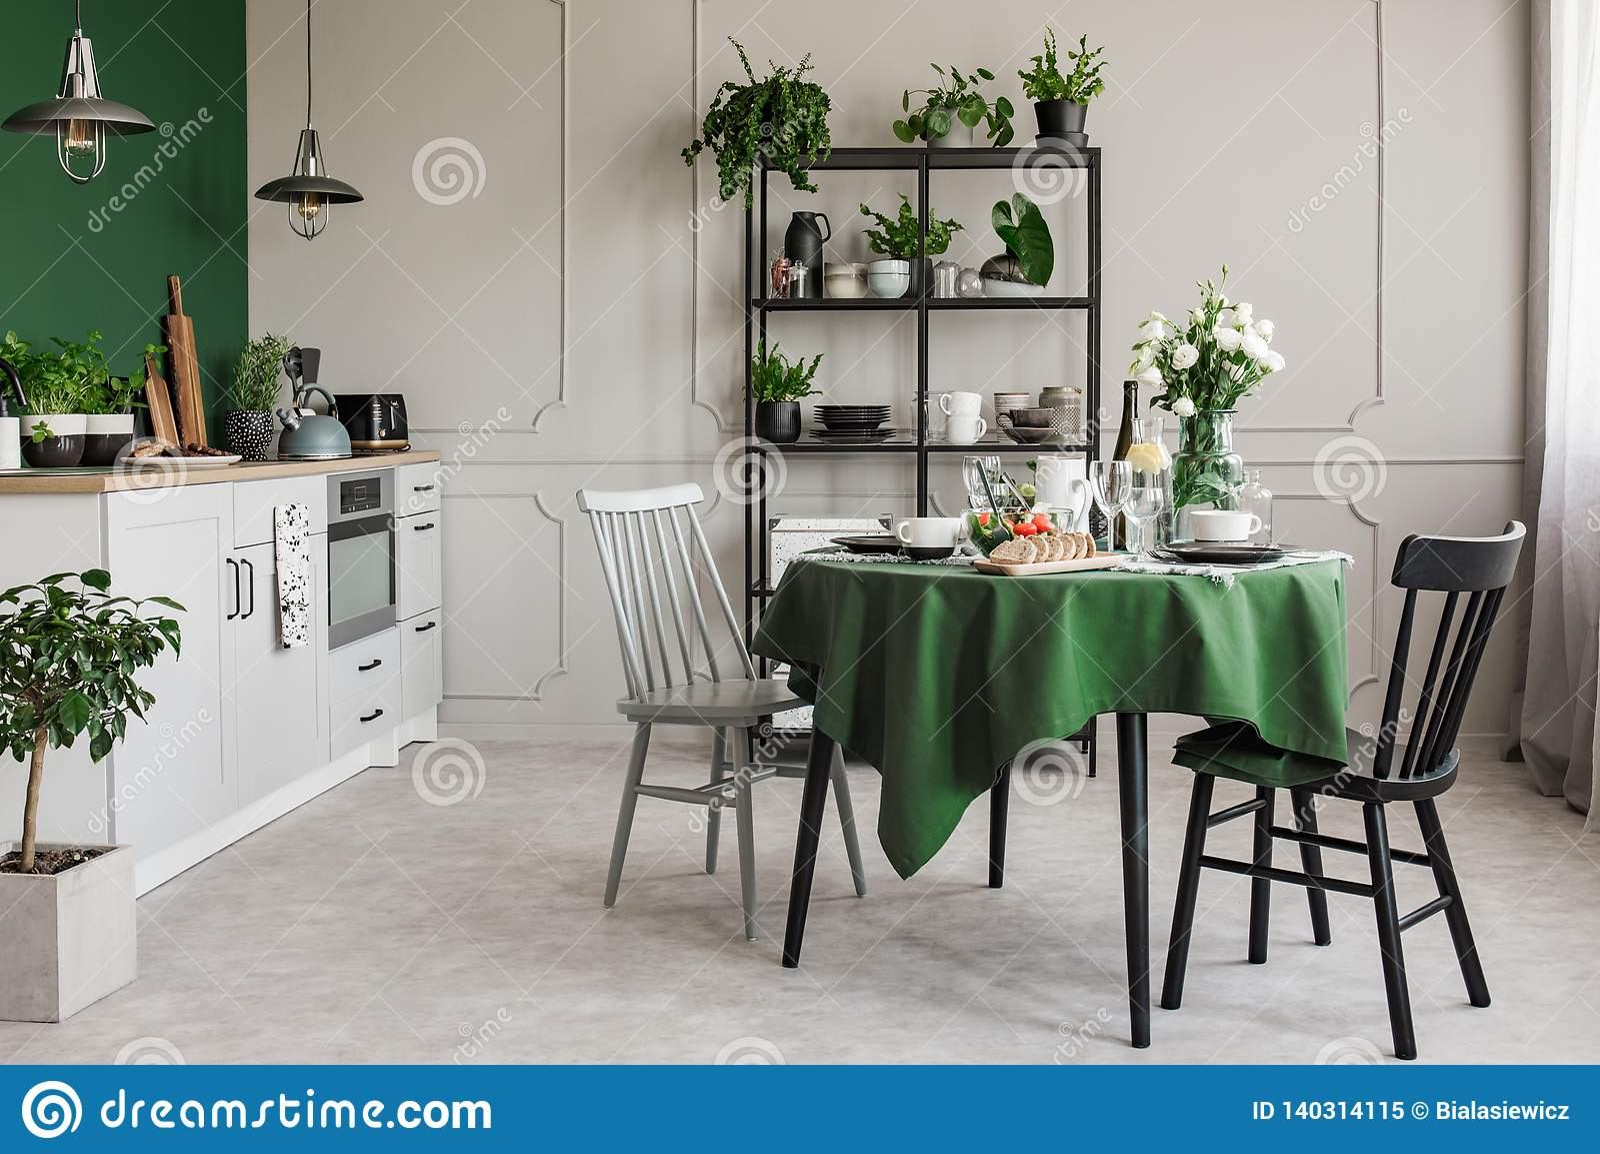 Cuisine Grise Et Verte élégante Avec Le Petit Déjeuner Sur La Table